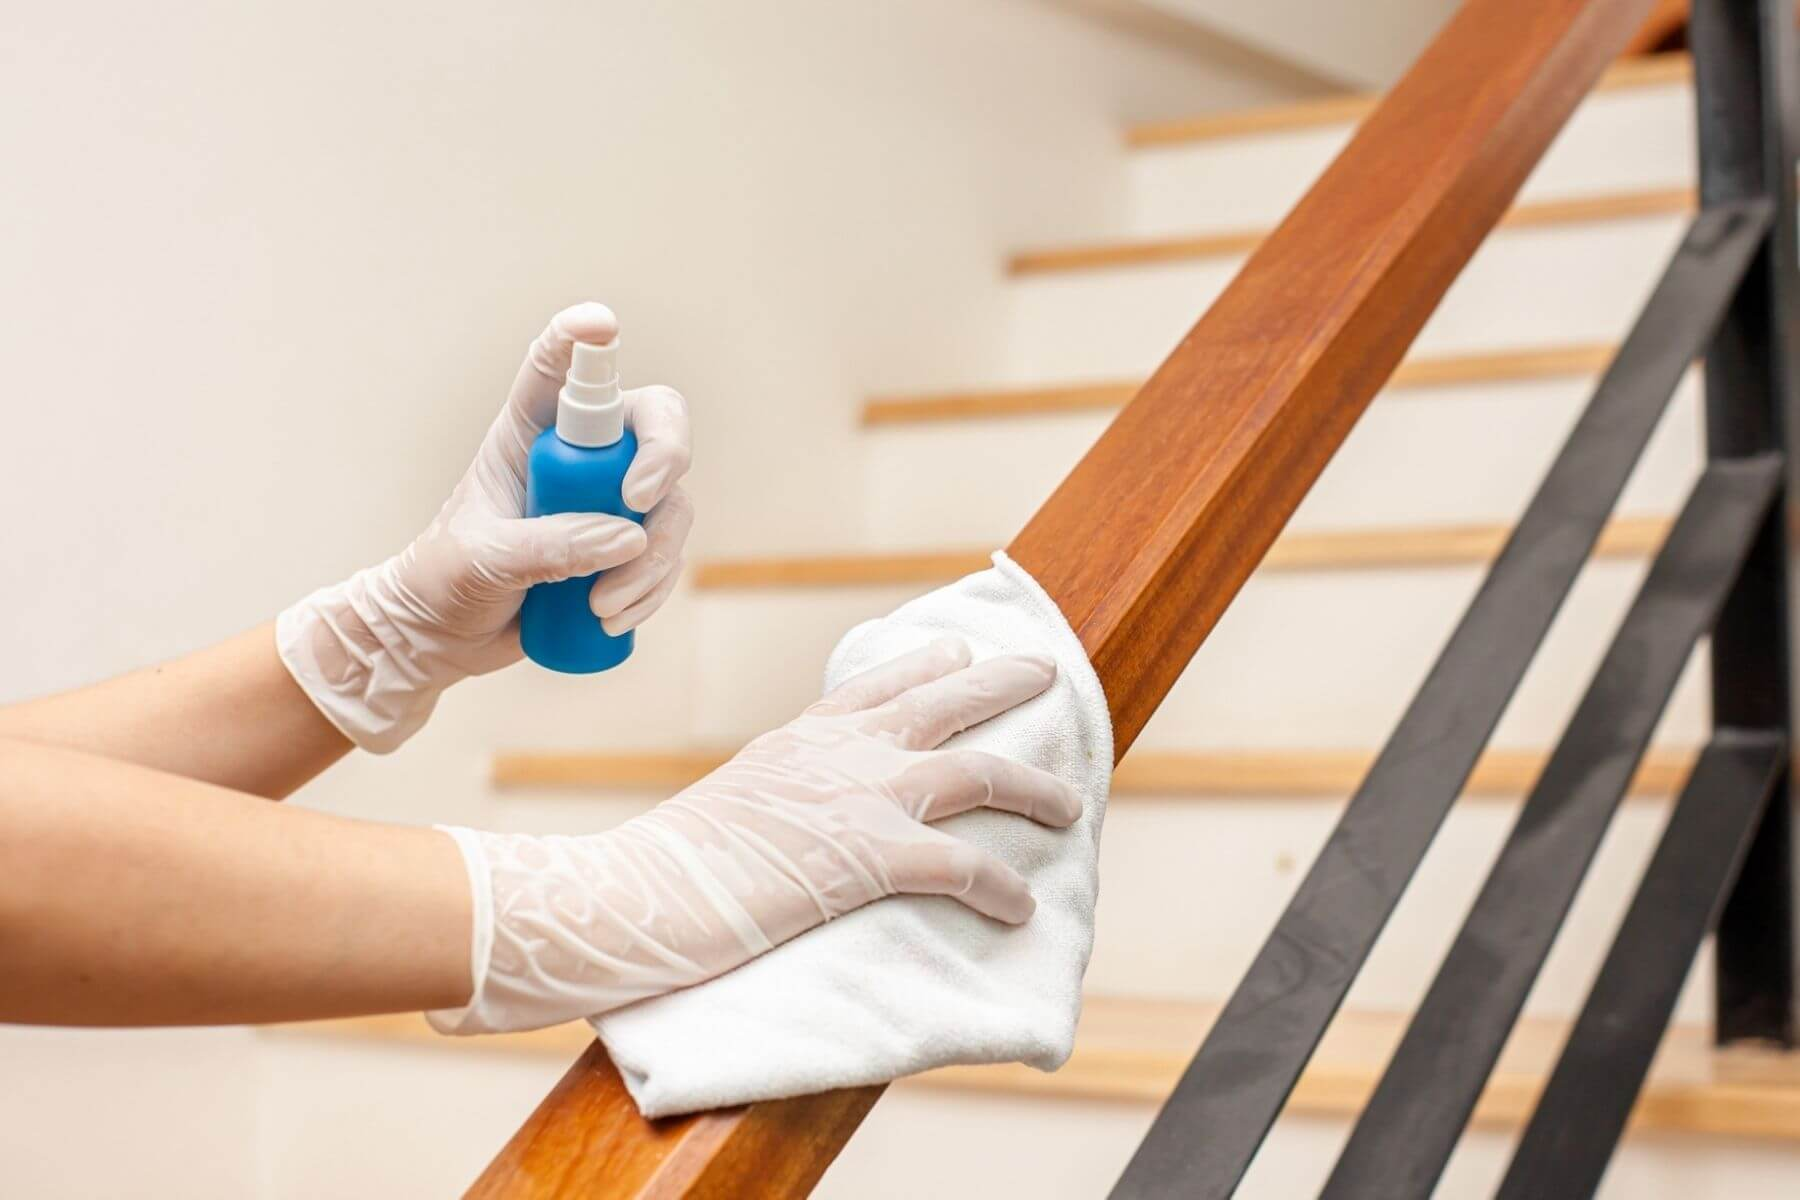 ทำความสะอาดบ้าน ป้องกัน COVID-19 ราวบันได